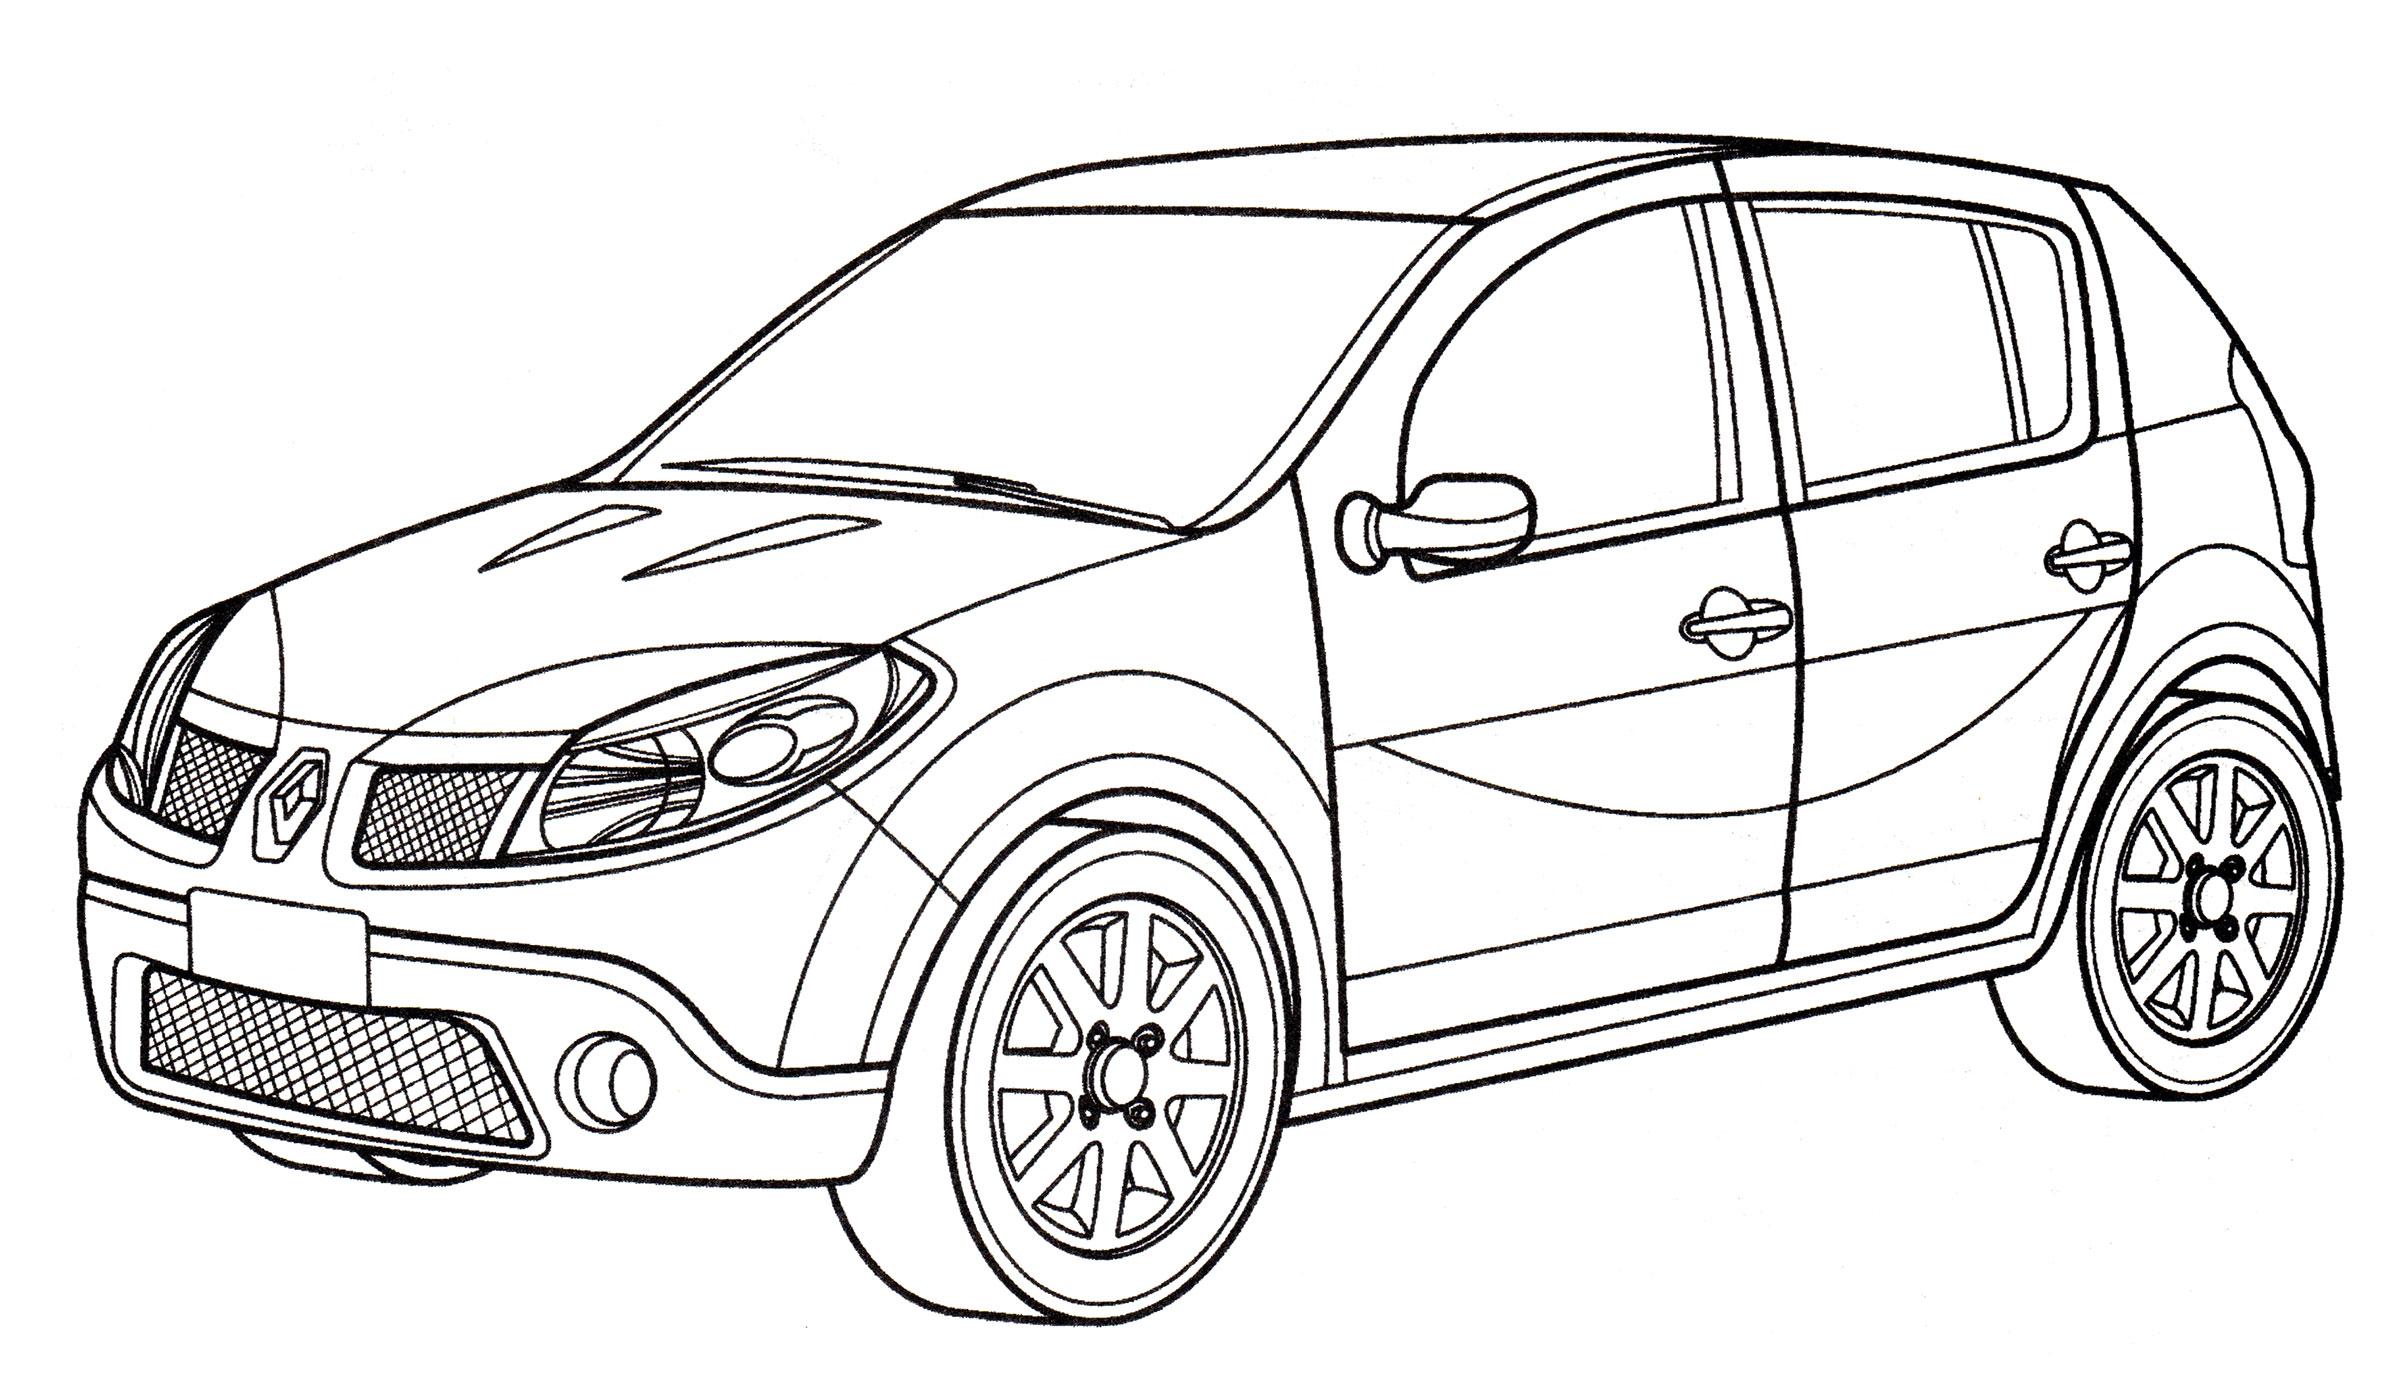 Раскраска Renault Sandero - распечатать бесплатно